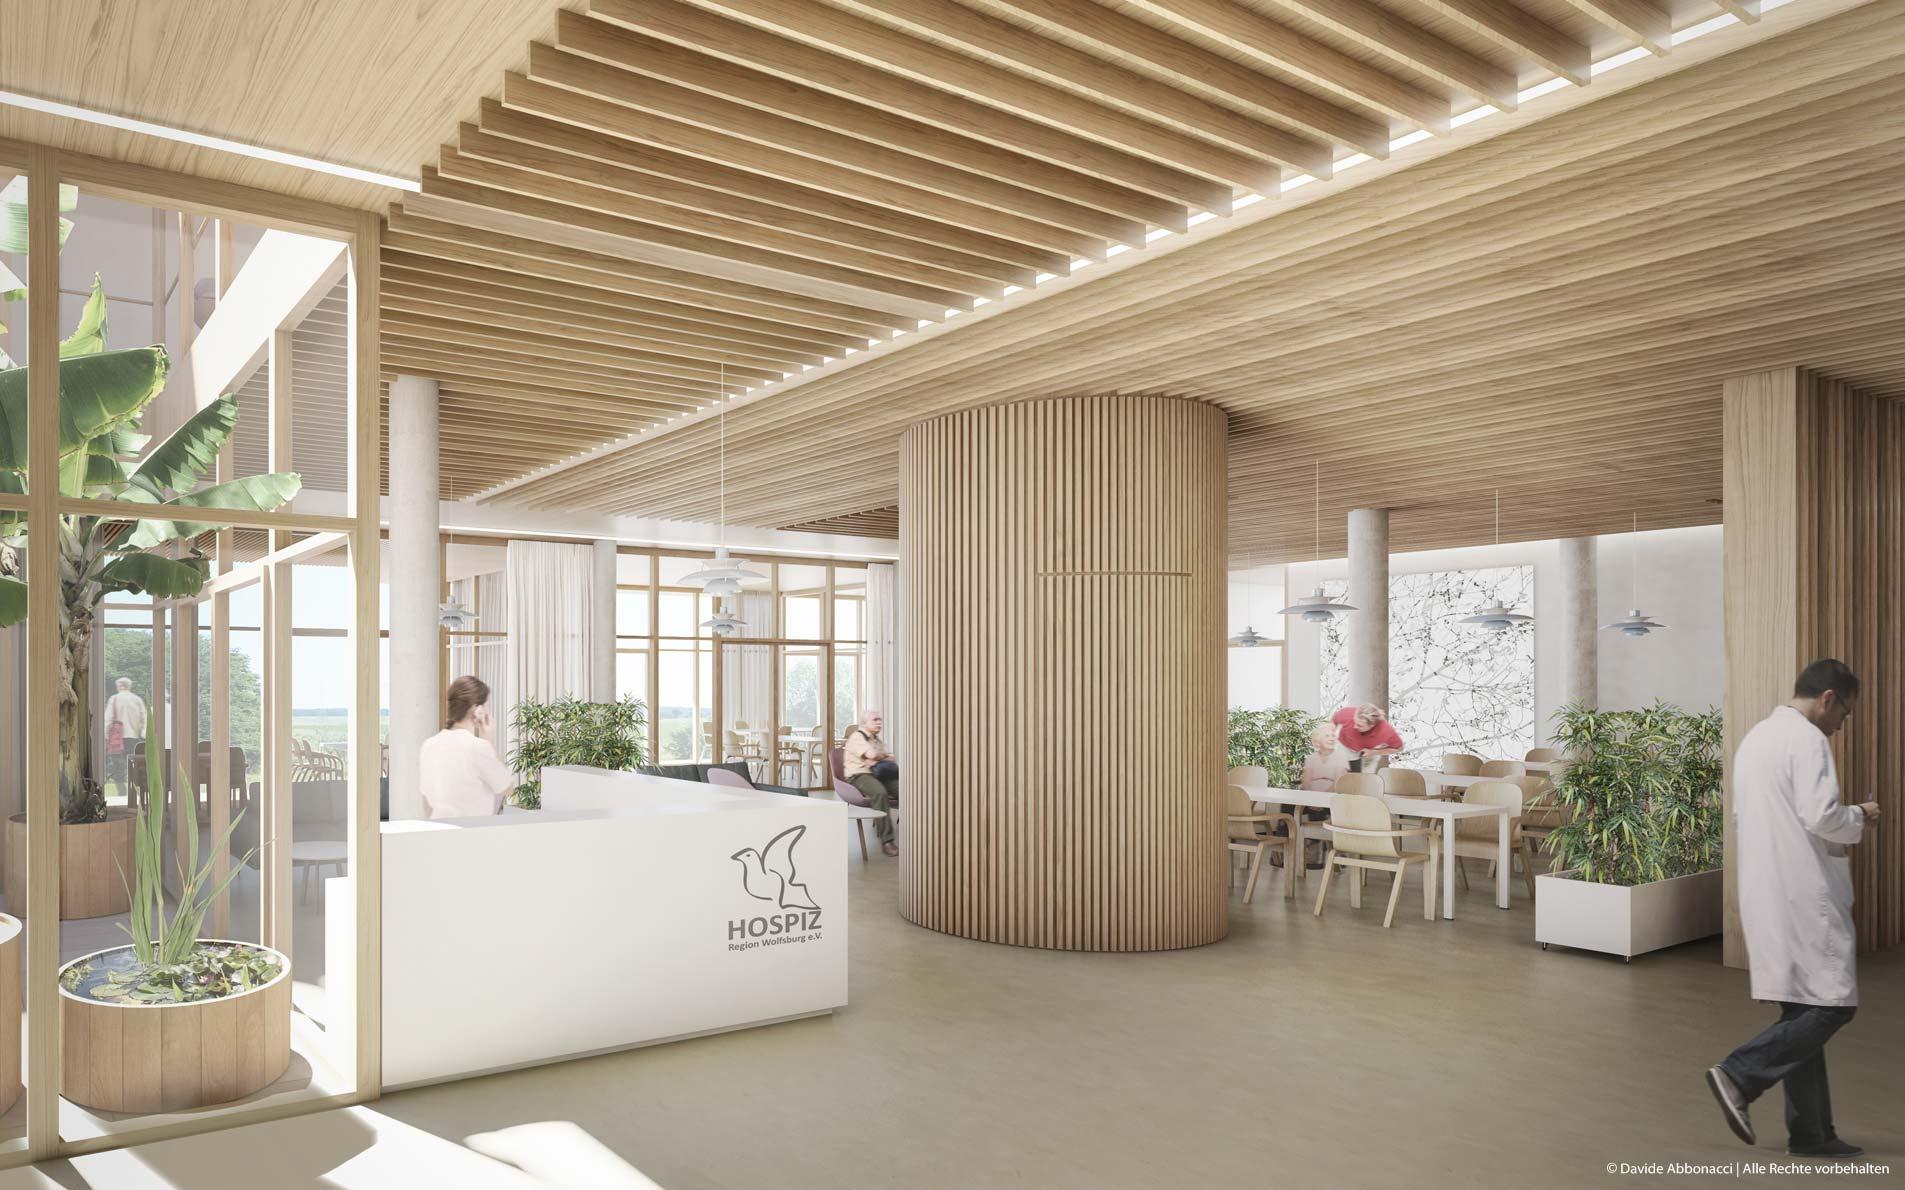 Hospiz Region Wolfsburg e.V., Heiligendorf | Heller & Koller Architekten | 2018 Wettbewerbsvisualisierung